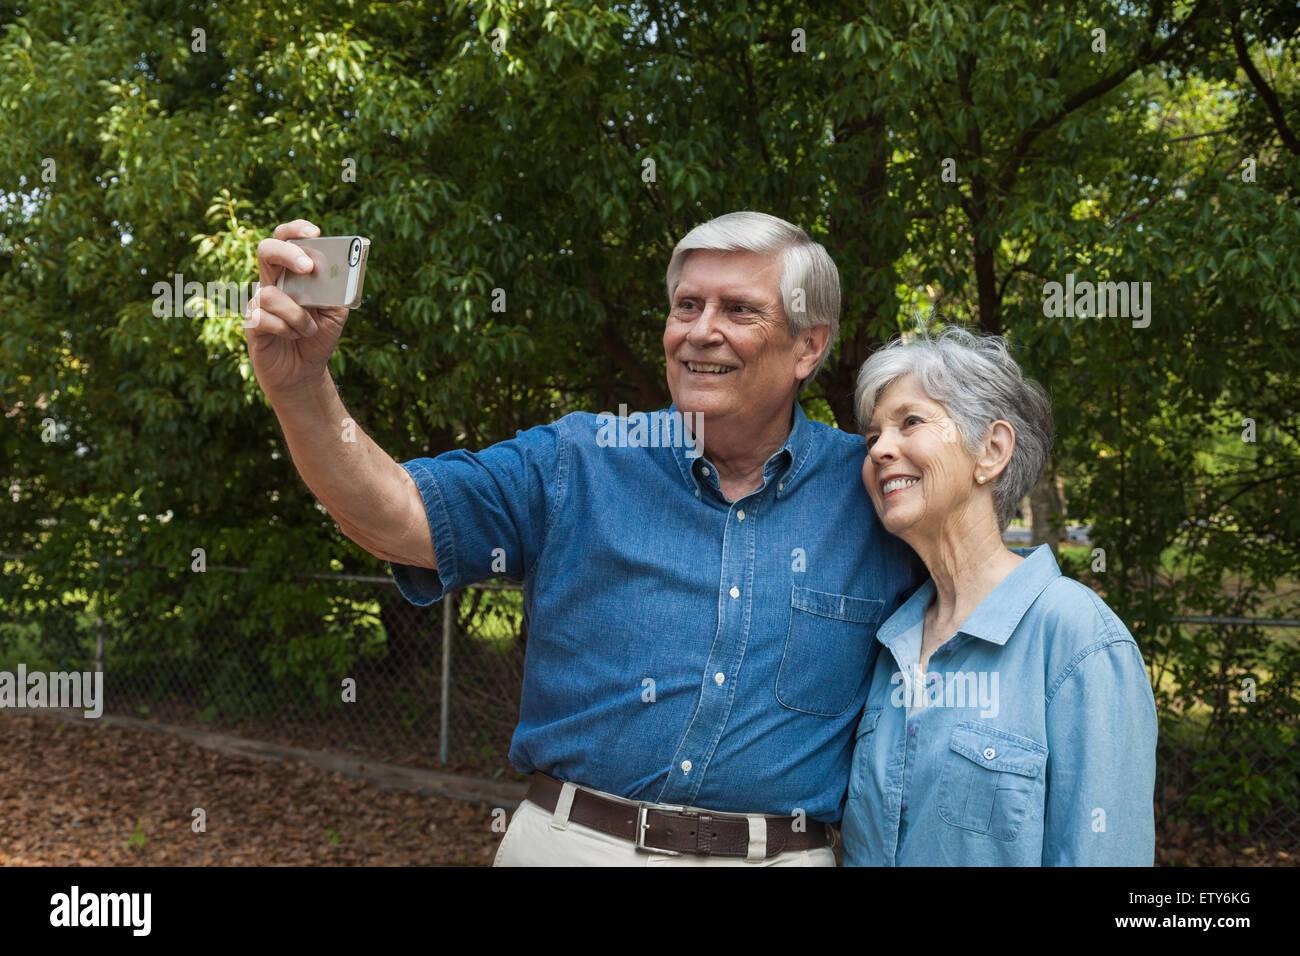 """Senior paar unter einem """"Selfie"""" mit Smartphone. Stockbild"""